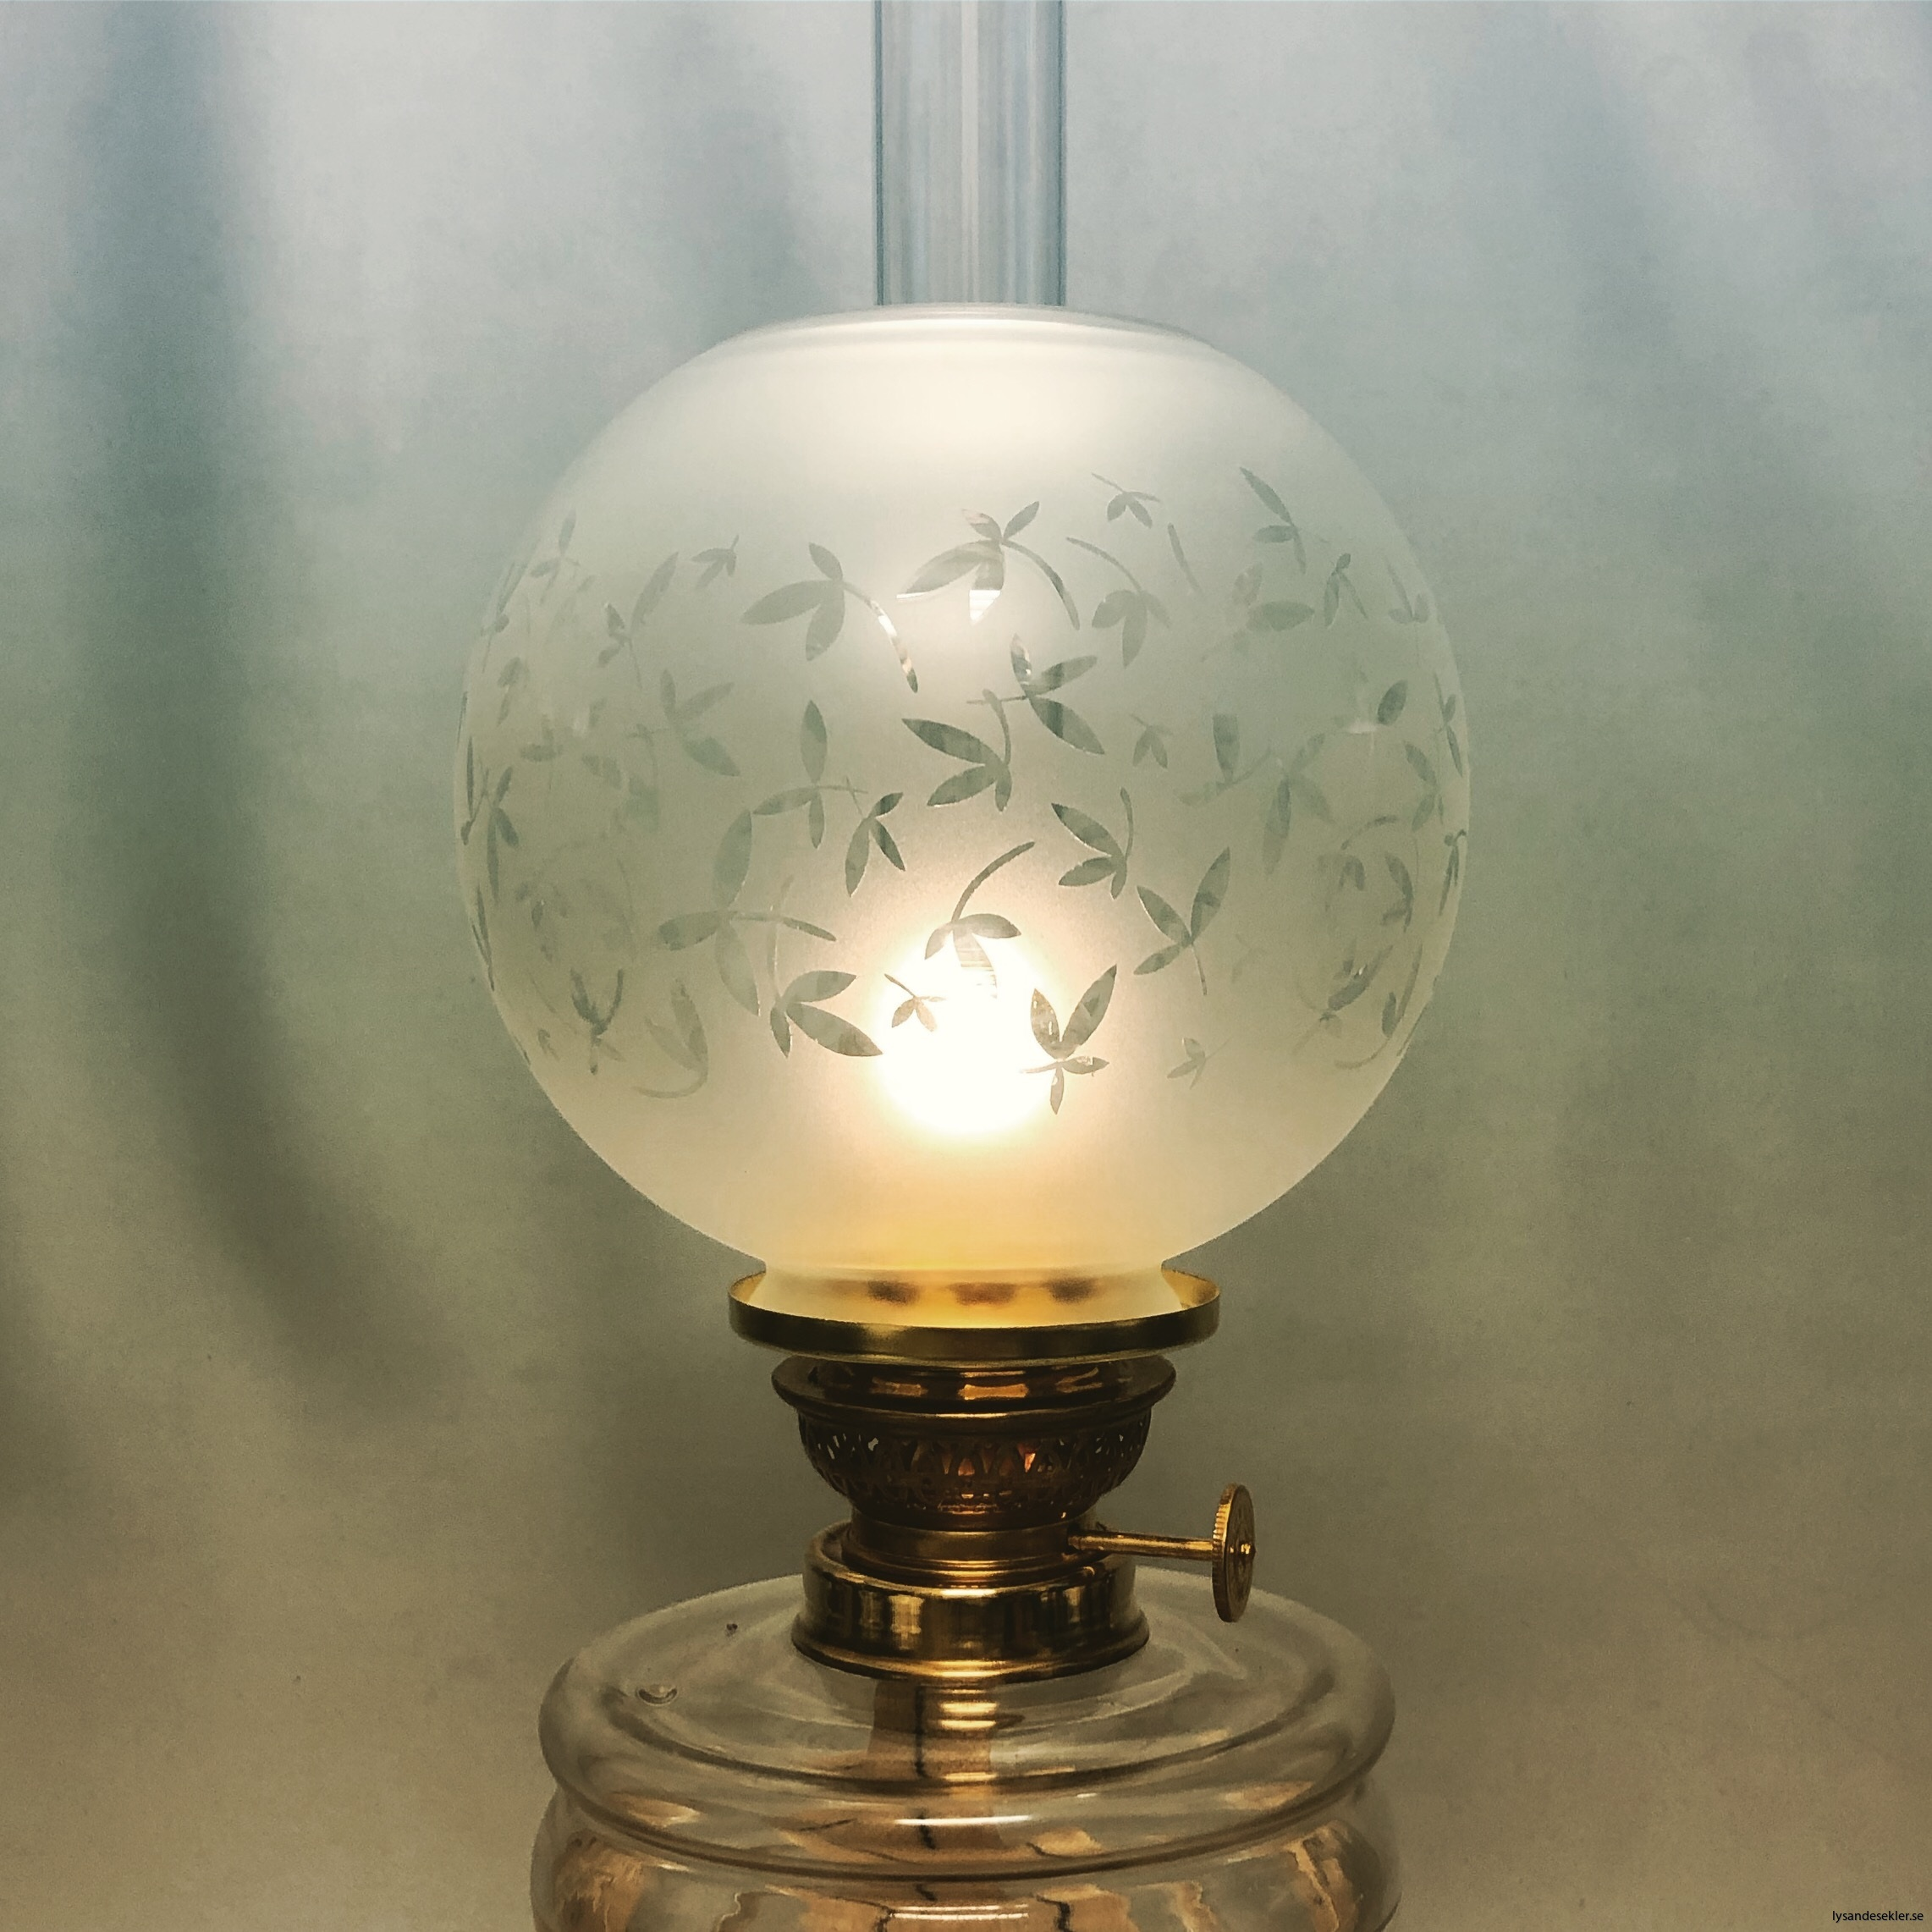 klotkupa liten frostad ornamenterad med blad2